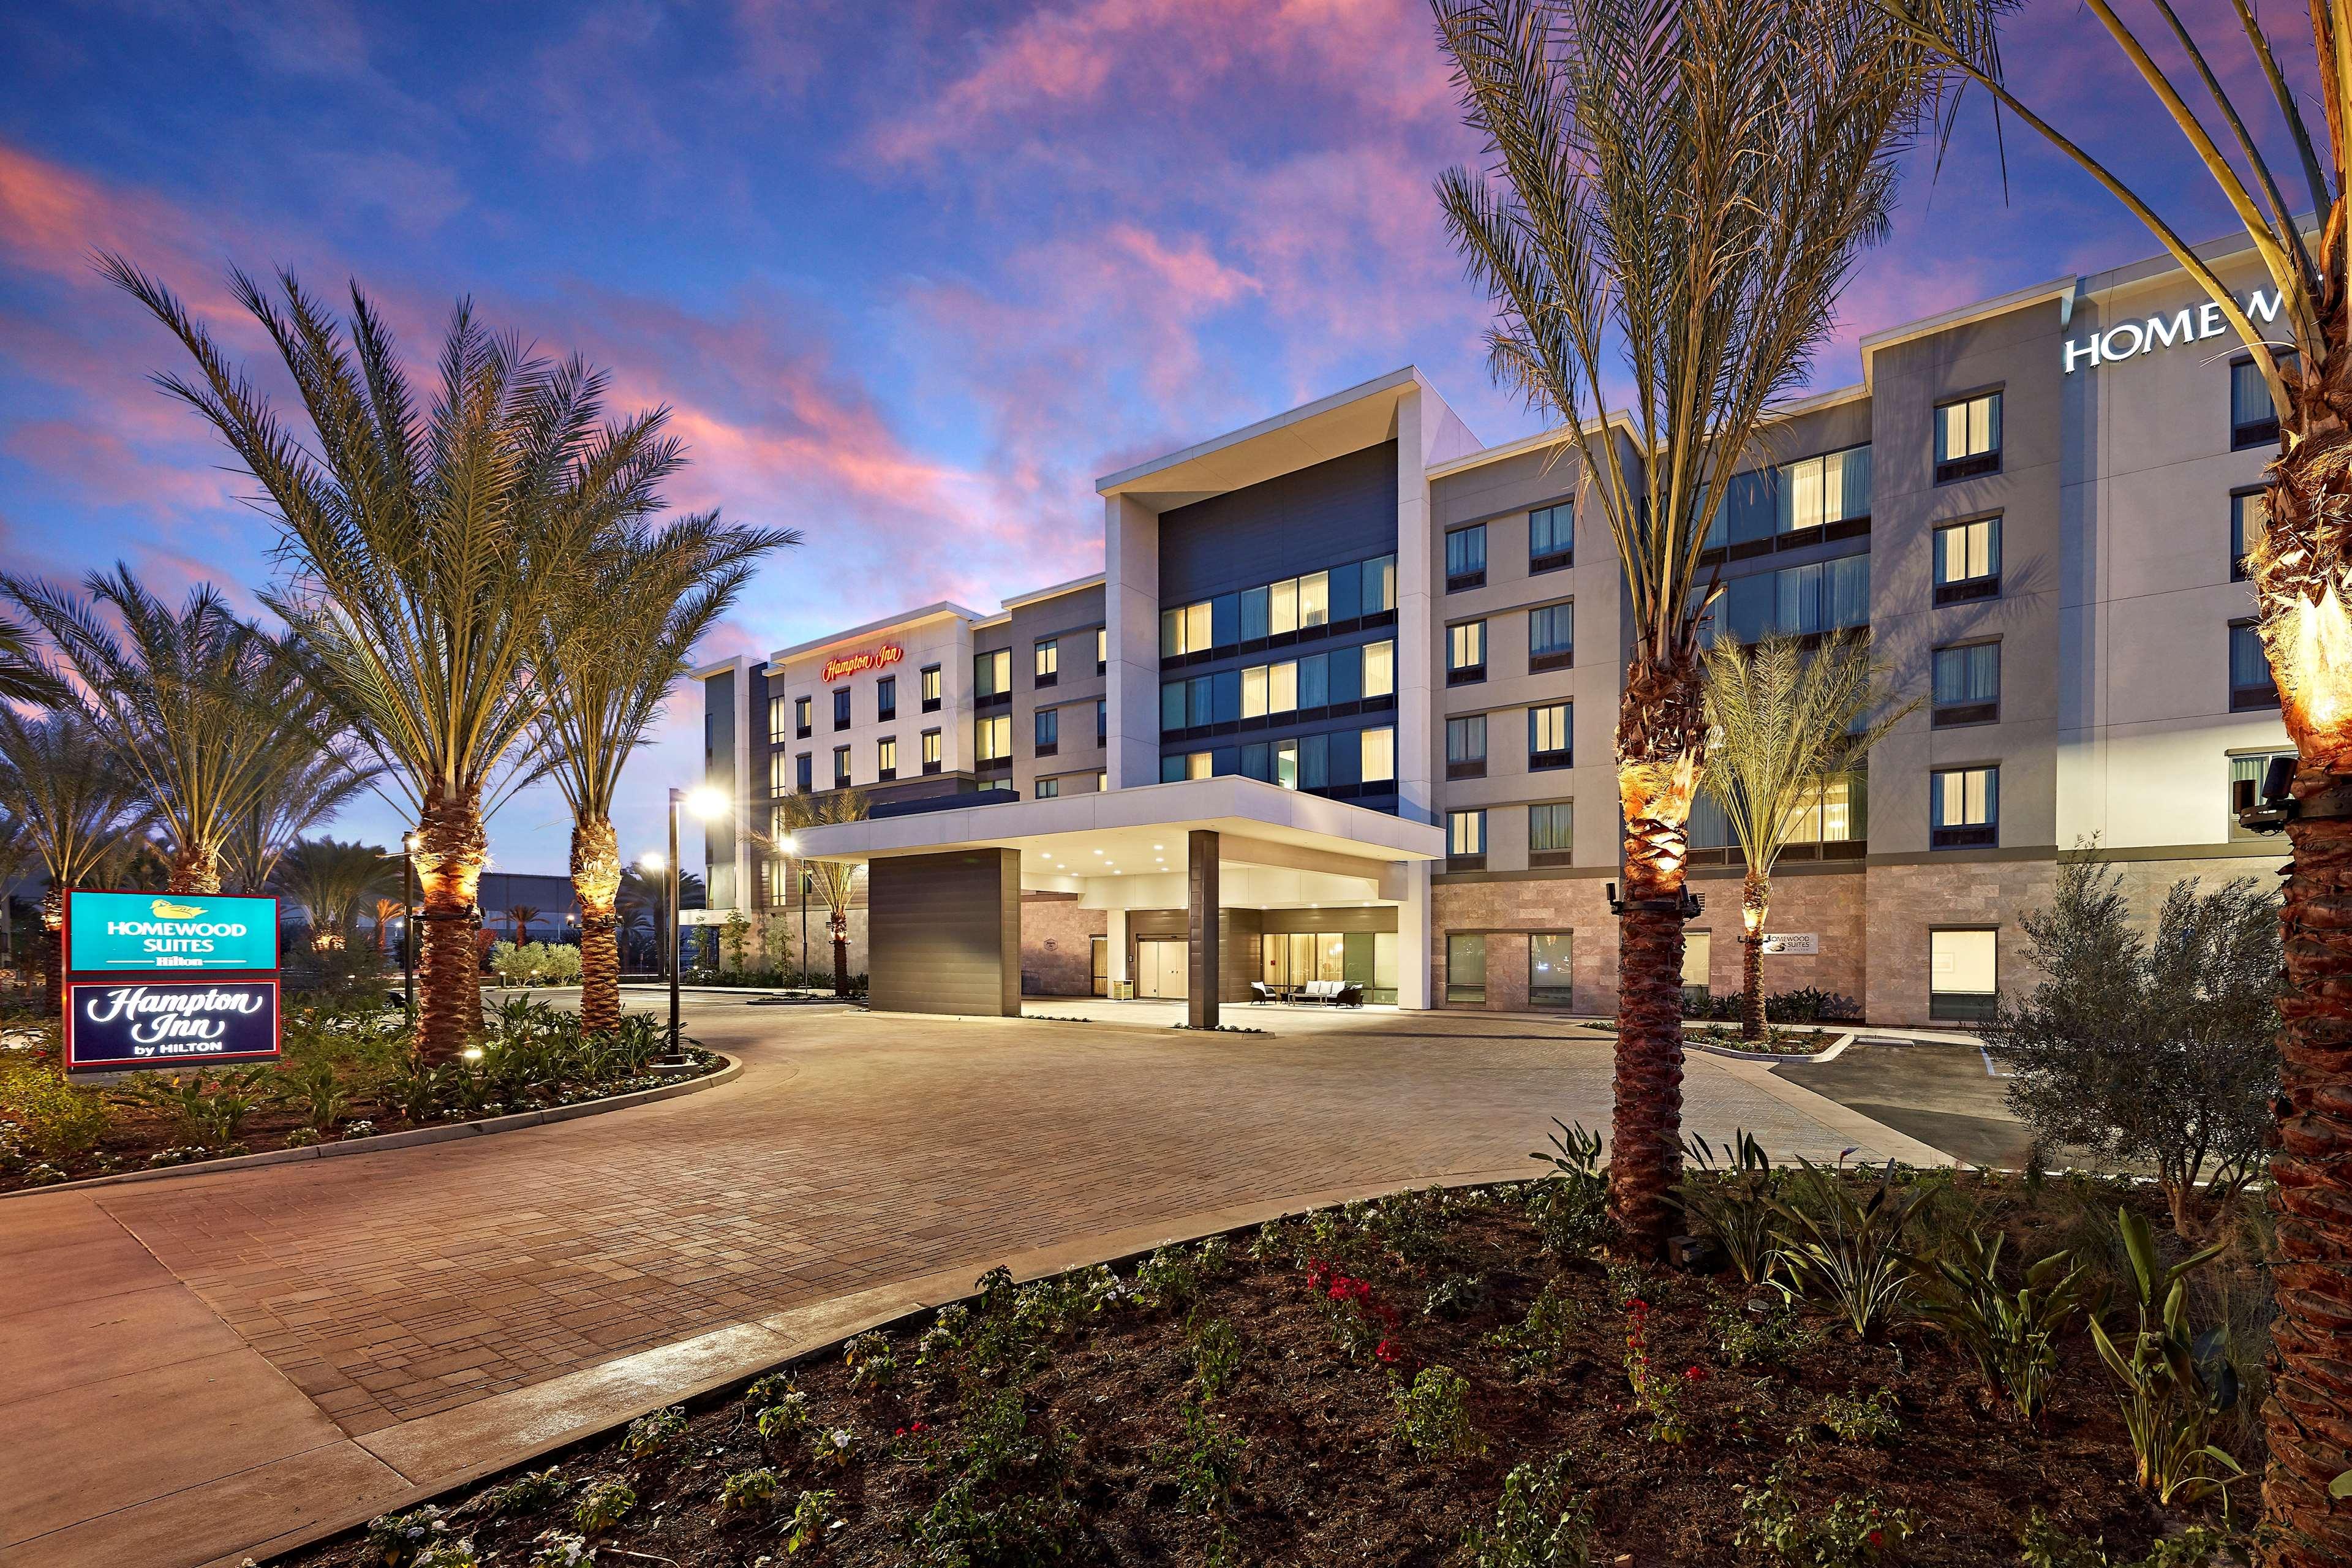 Hampton Inn Long Beach Airport image 7